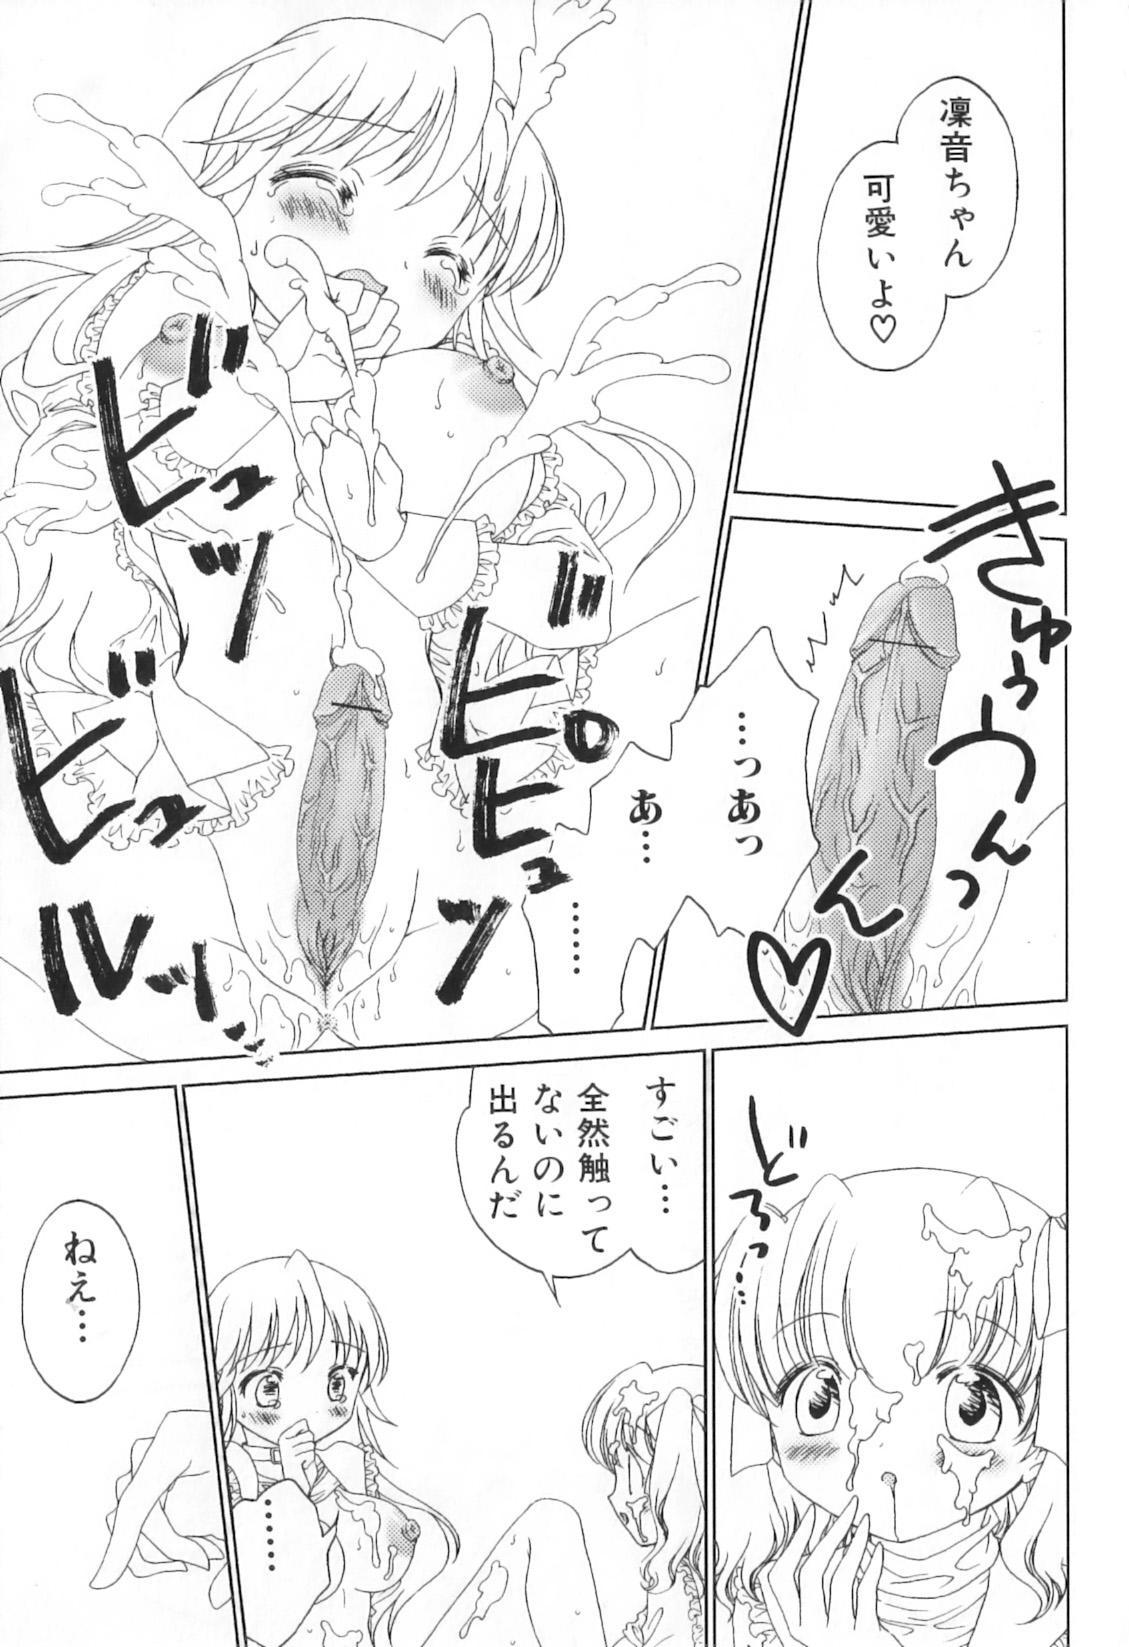 Futanarikko Lovers 8 114